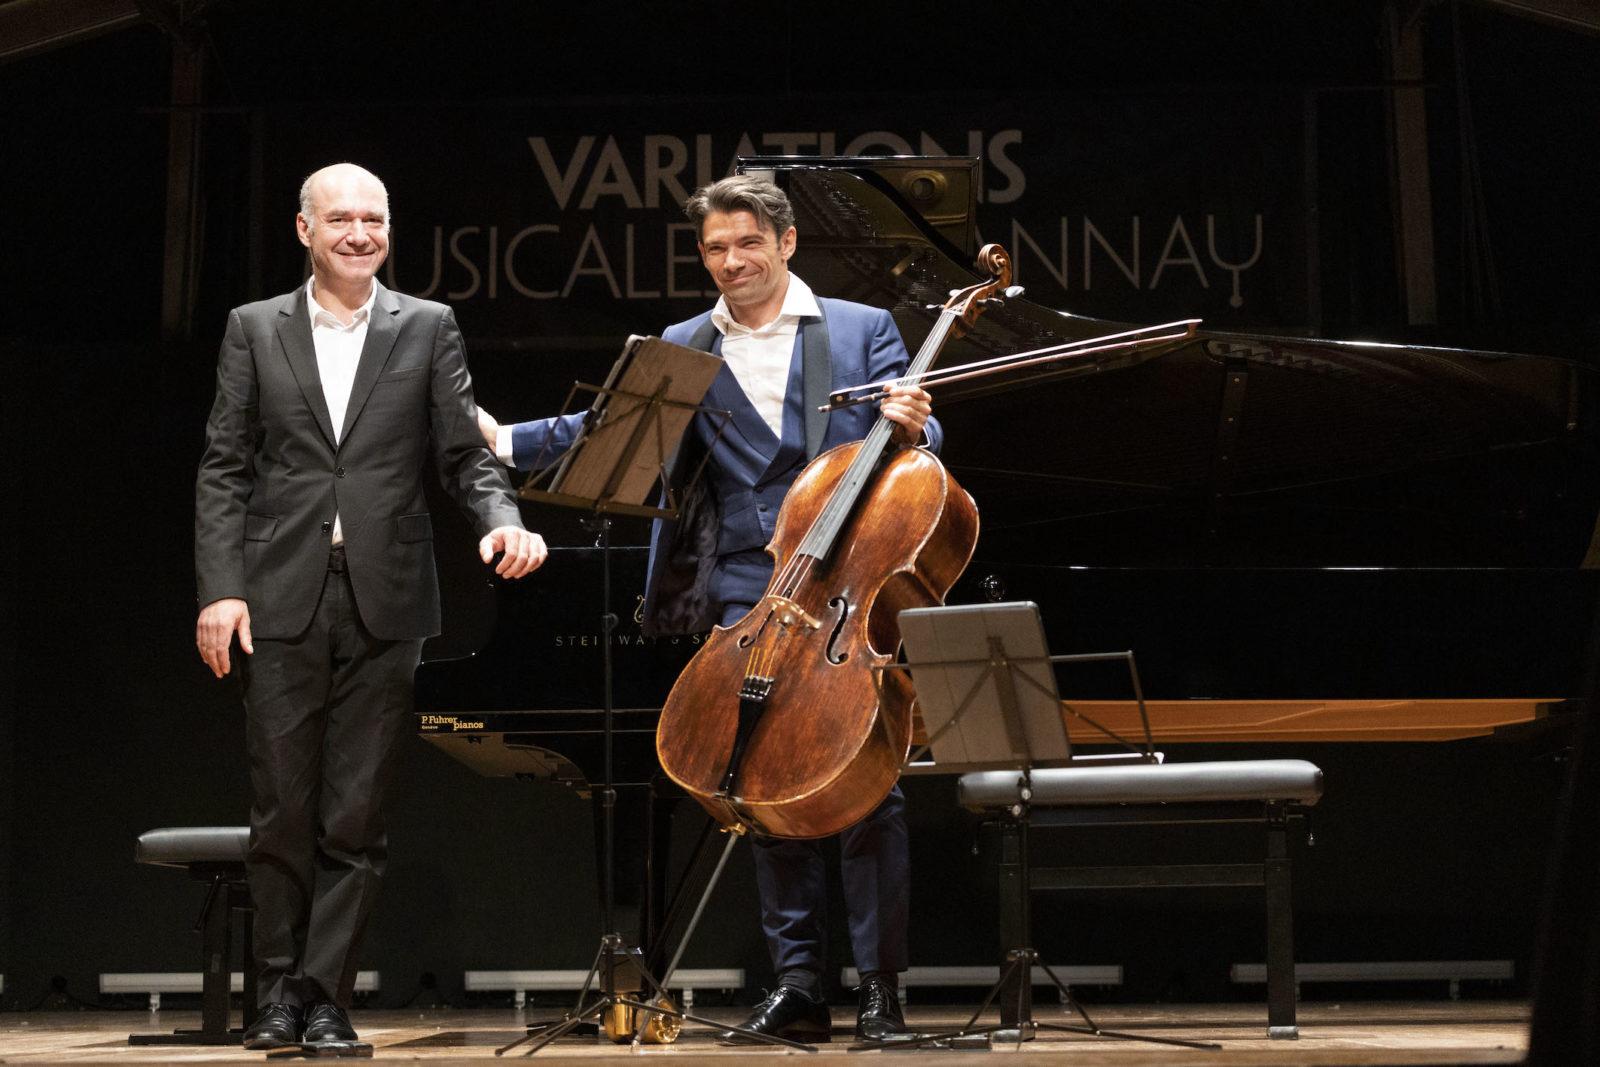 Gautier Capuçon, Jérôme Ducros, Variations musicales de Tannay